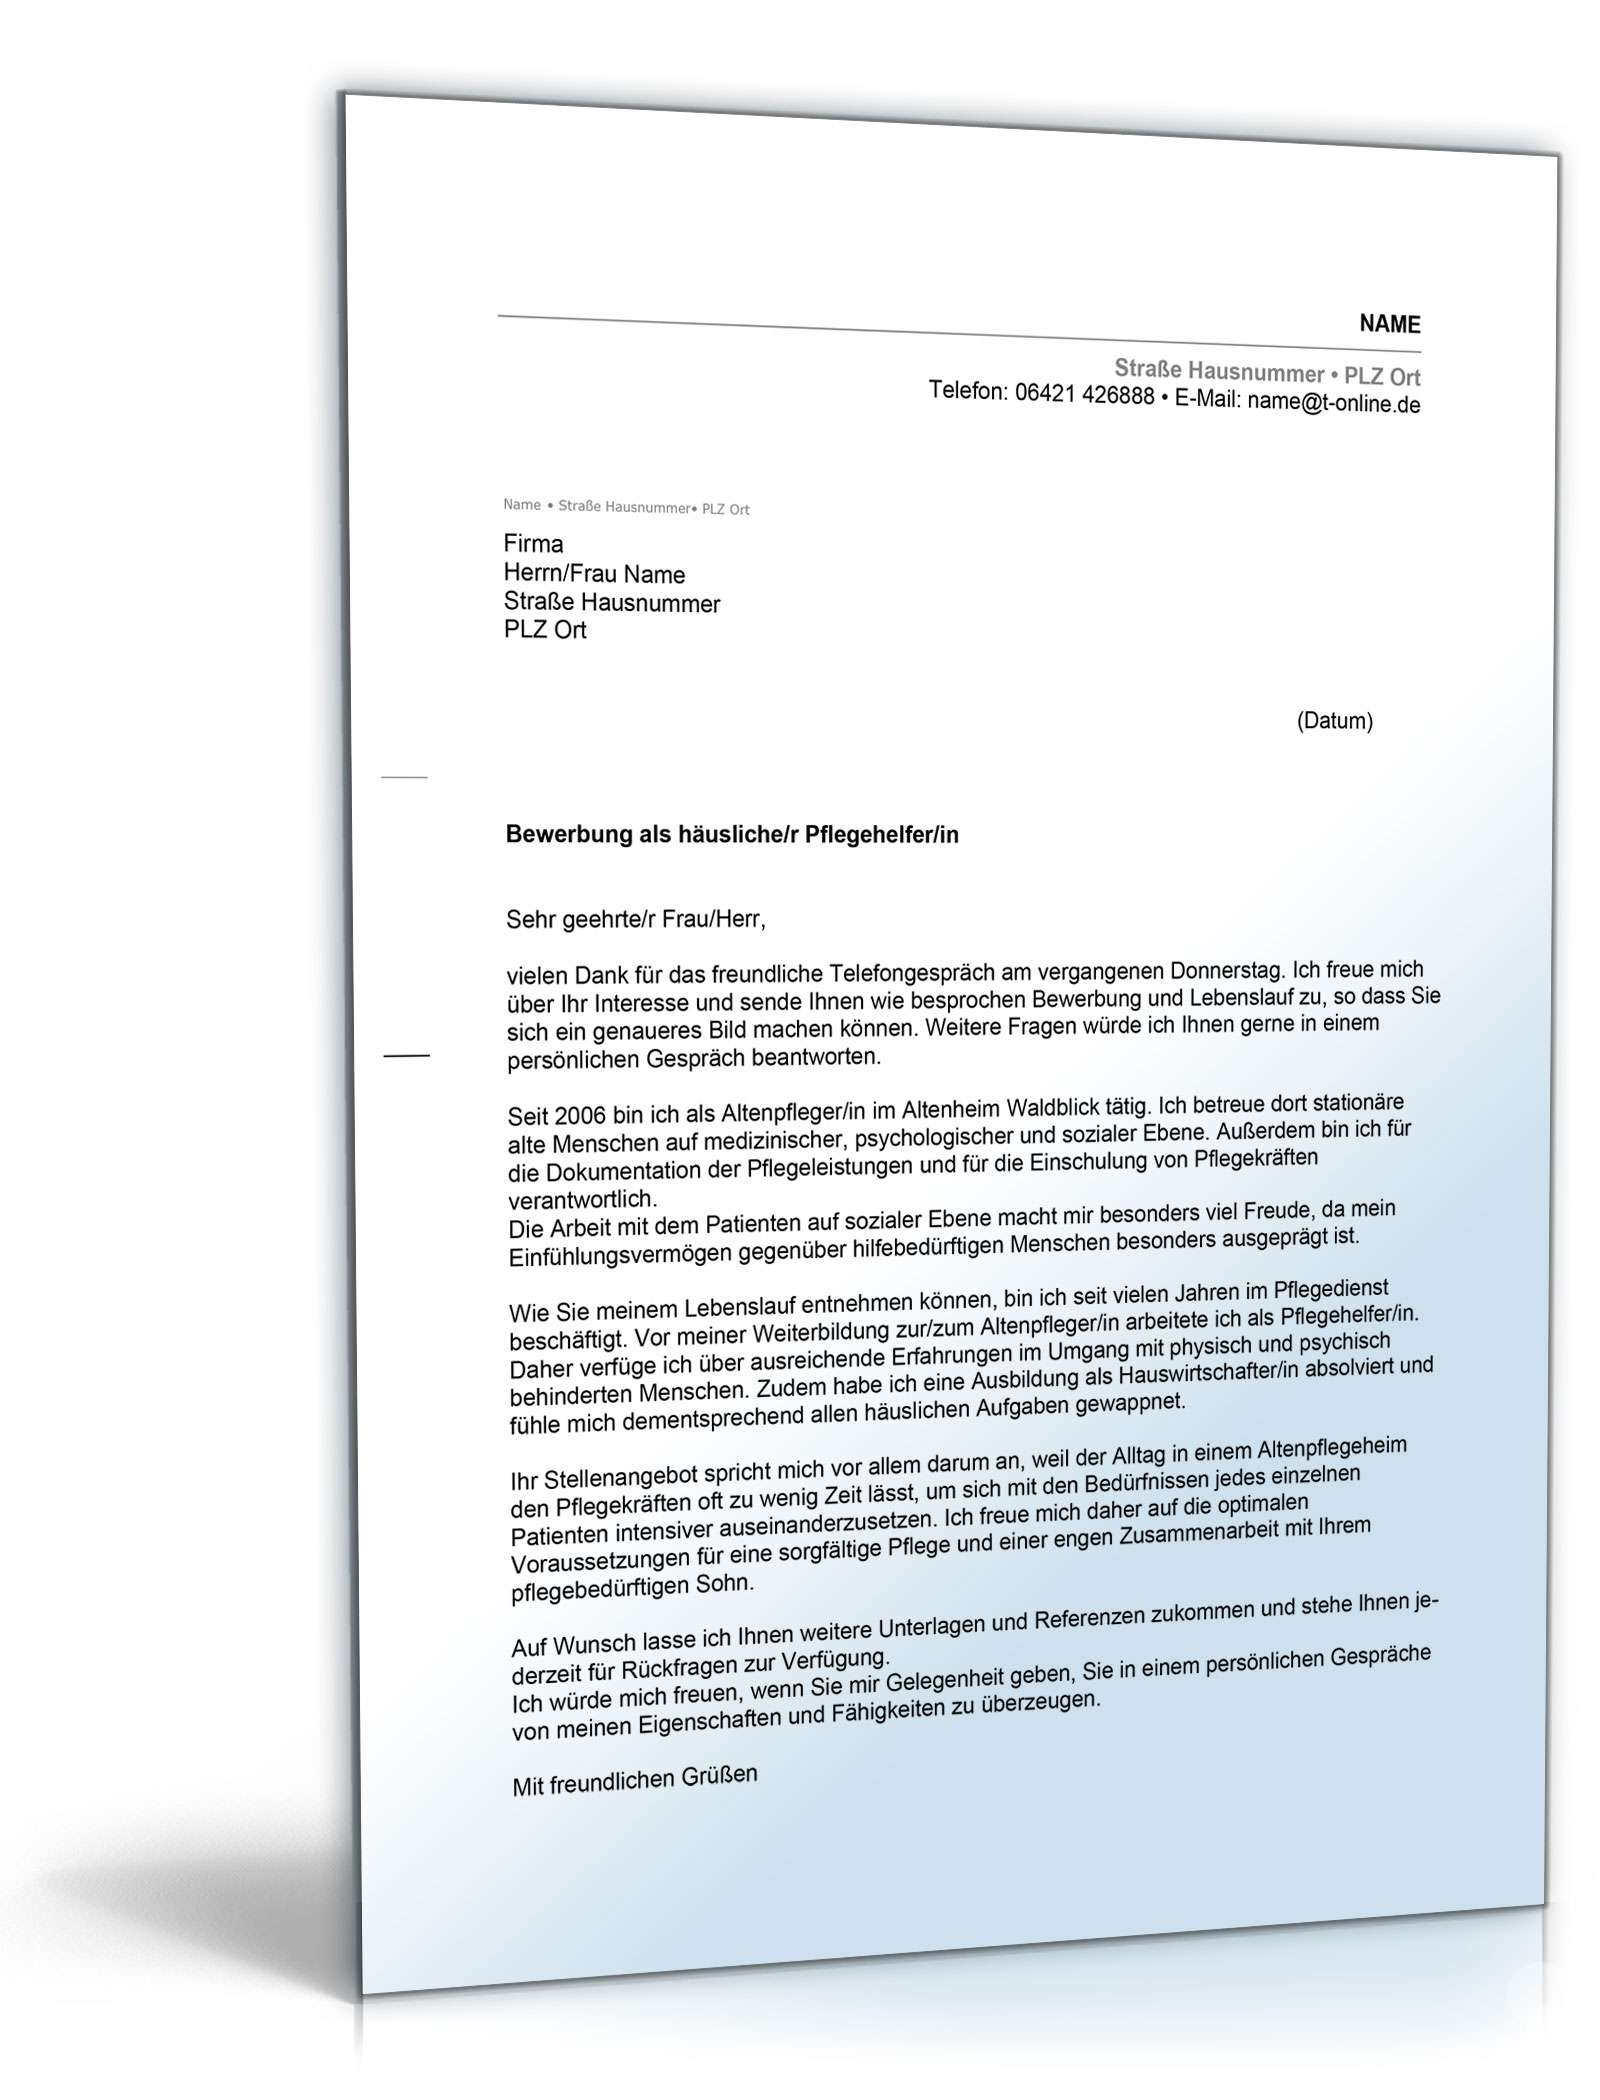 Musterbriefe Zur Bewerbung : Anschreiben bewerbung pflegehelfer muster zum download